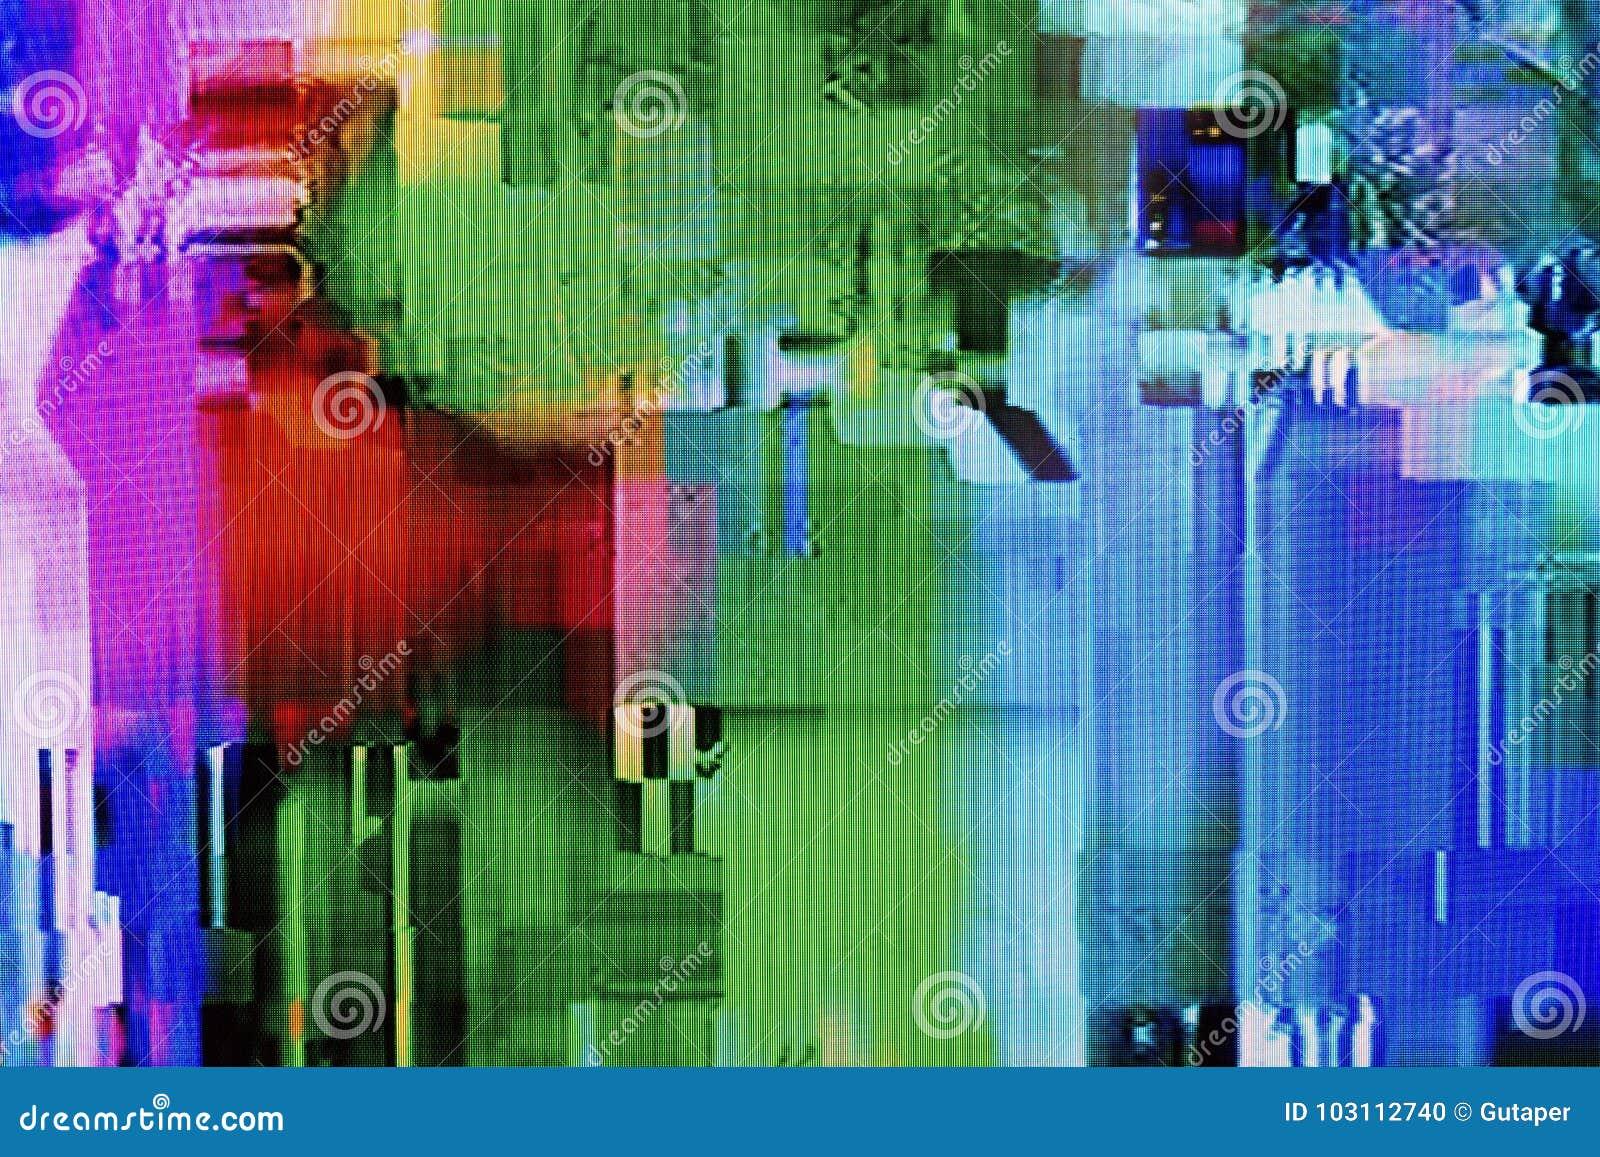 Δυσλειτουργίες, ψηφιακές παρέμβαση και διαστρέβλωση στην οθόνη TV LCD